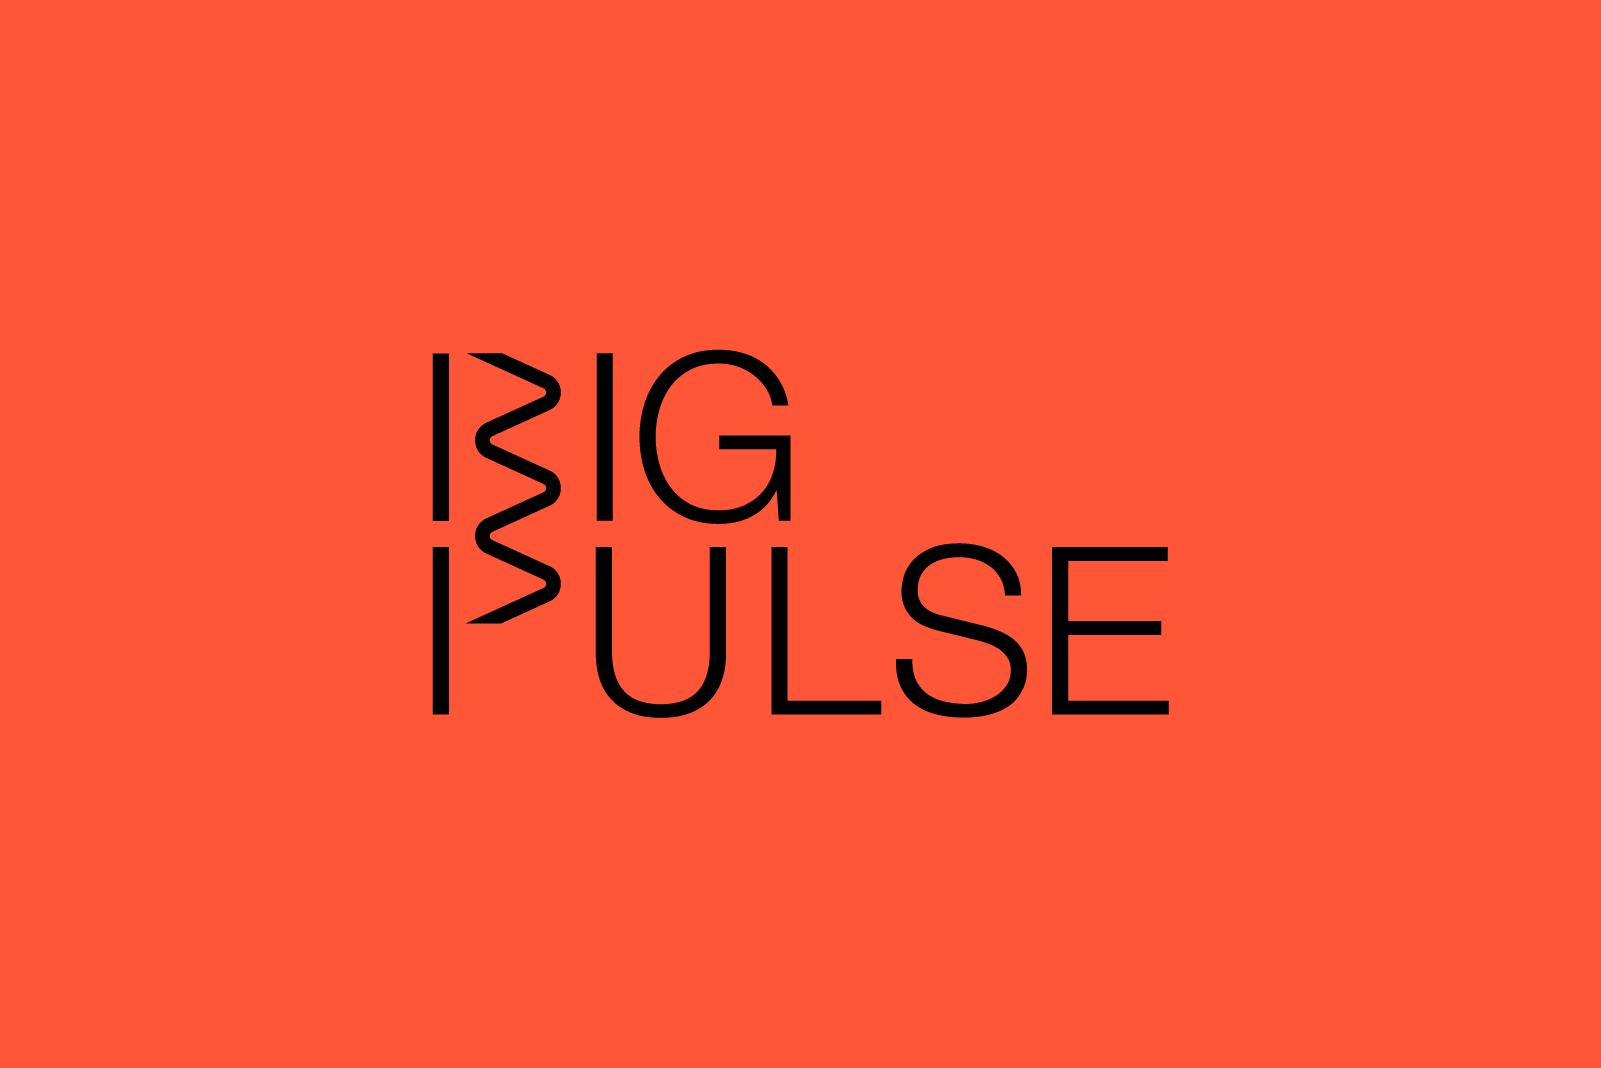 Still Big Pulse logo on red